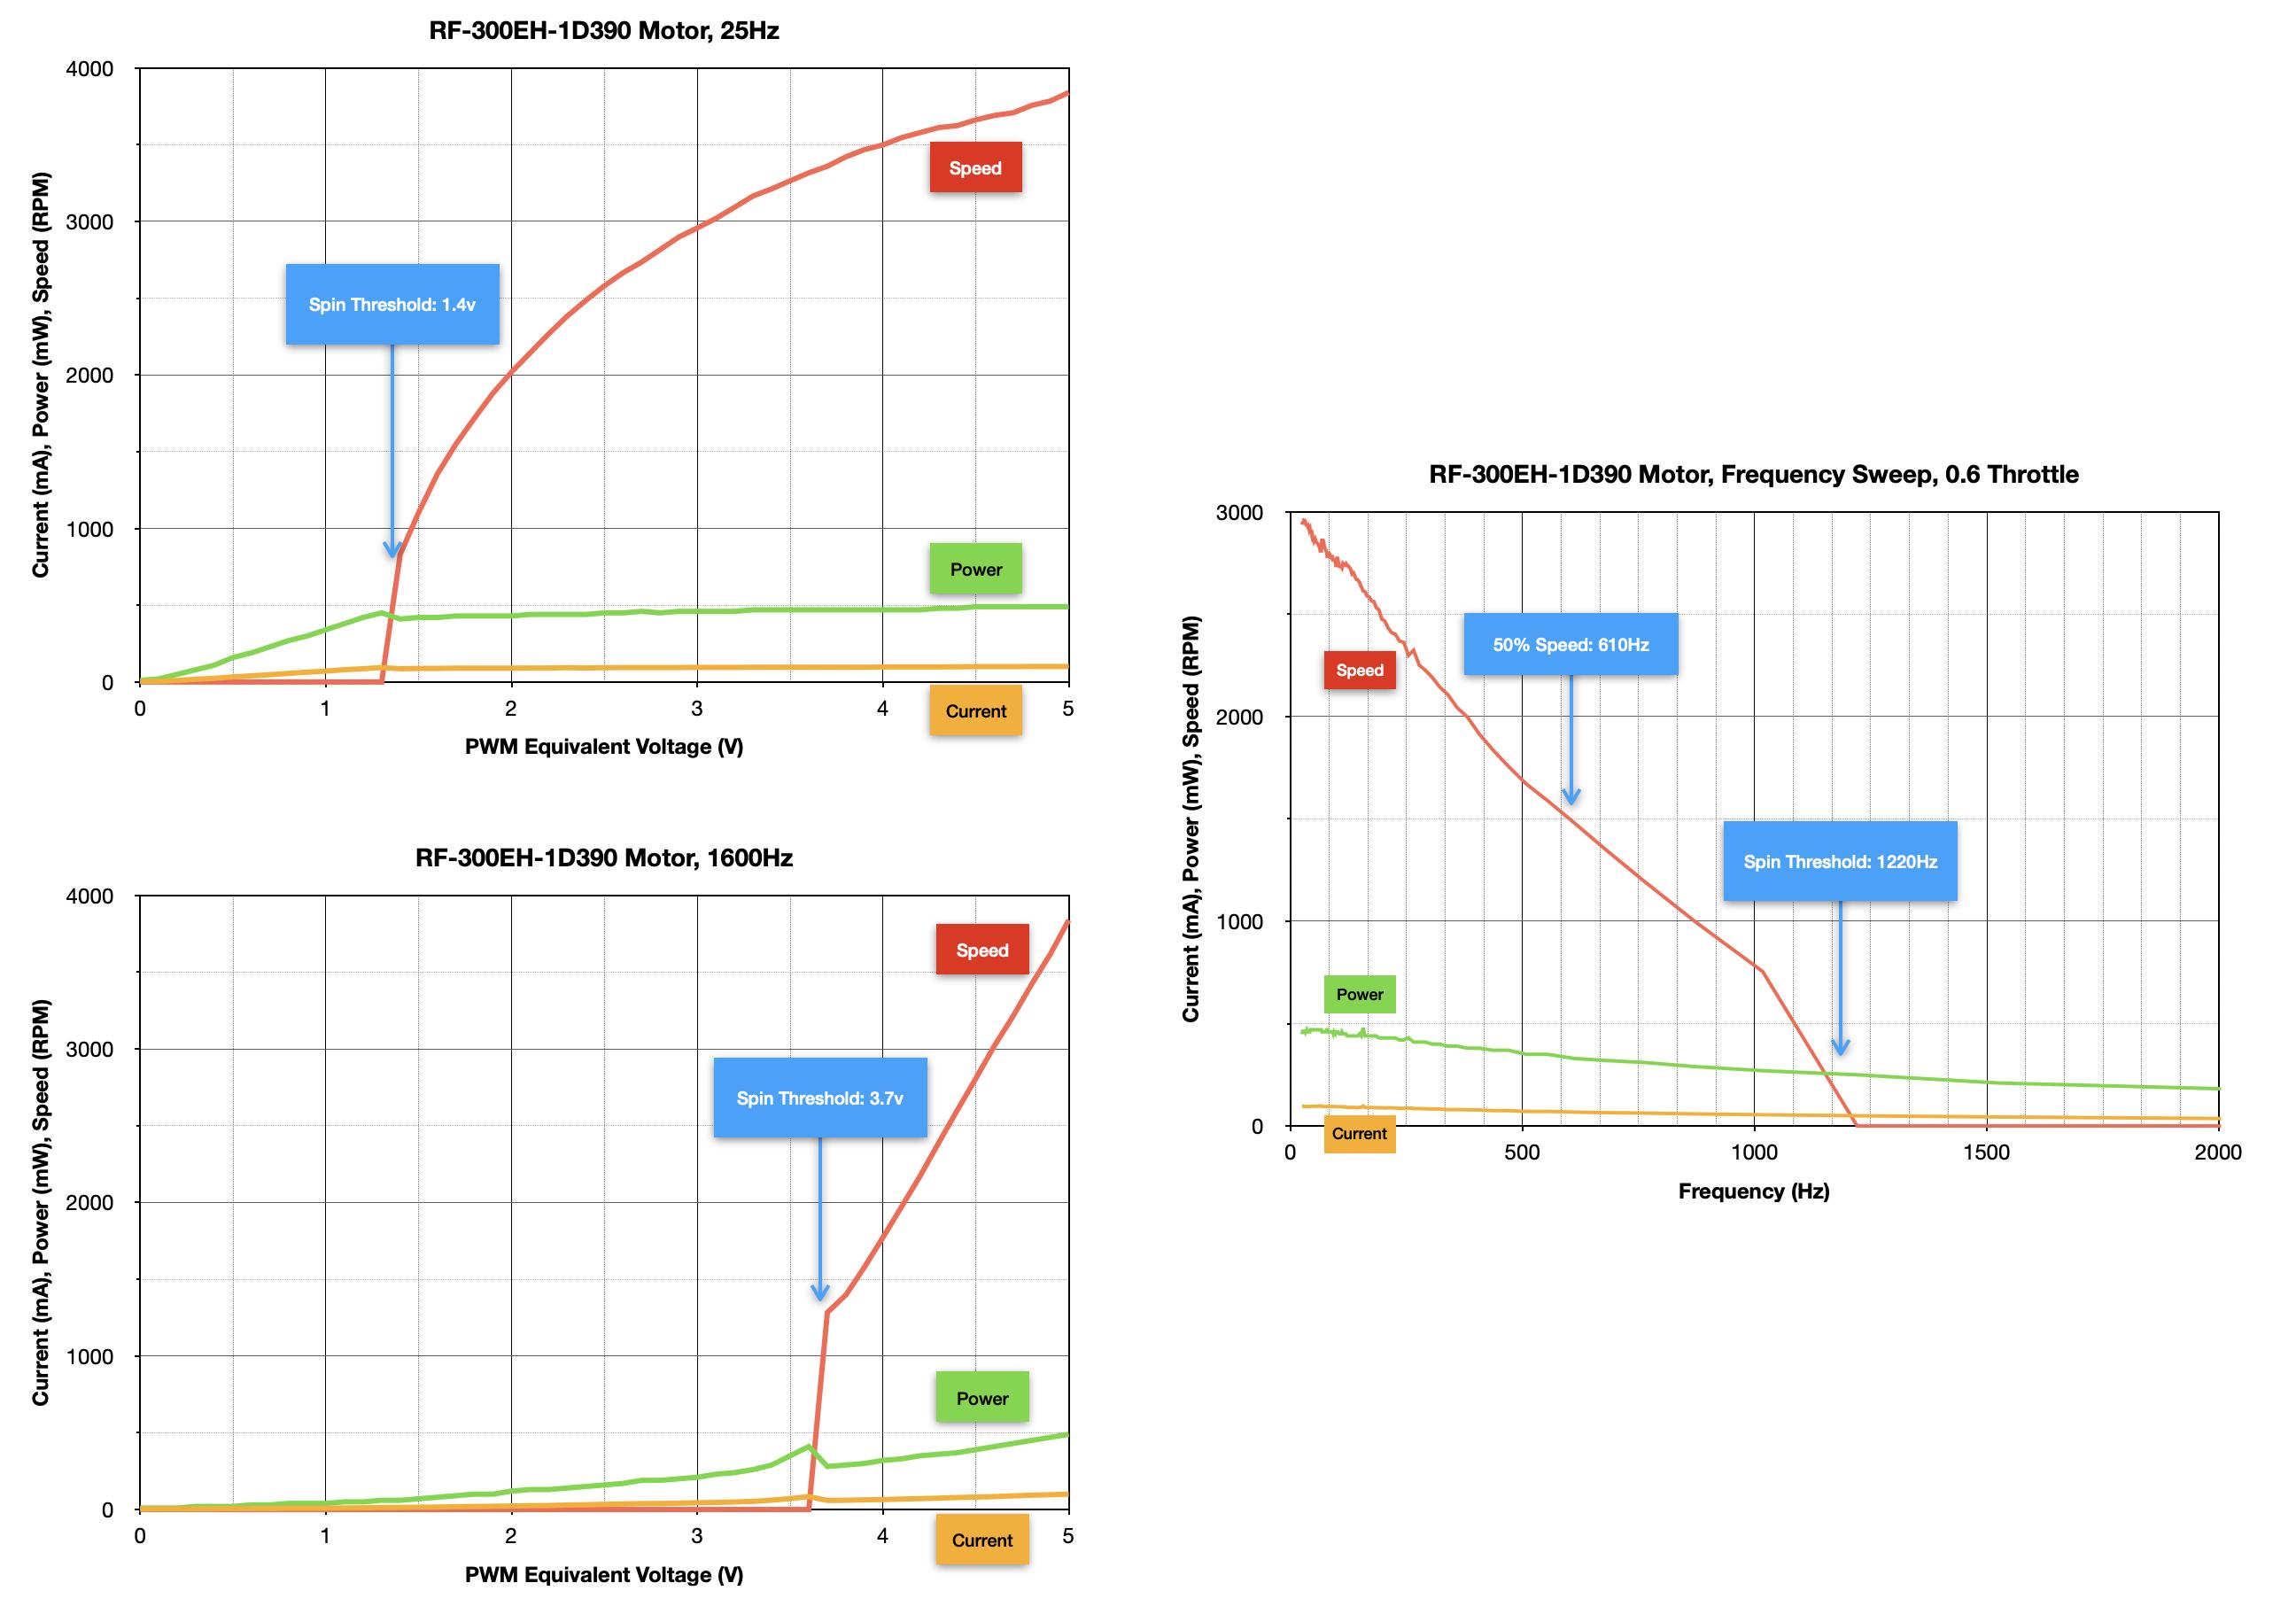 robotics___cnc_RF-300EH-1D390_Motor_Summary_Graphs.png